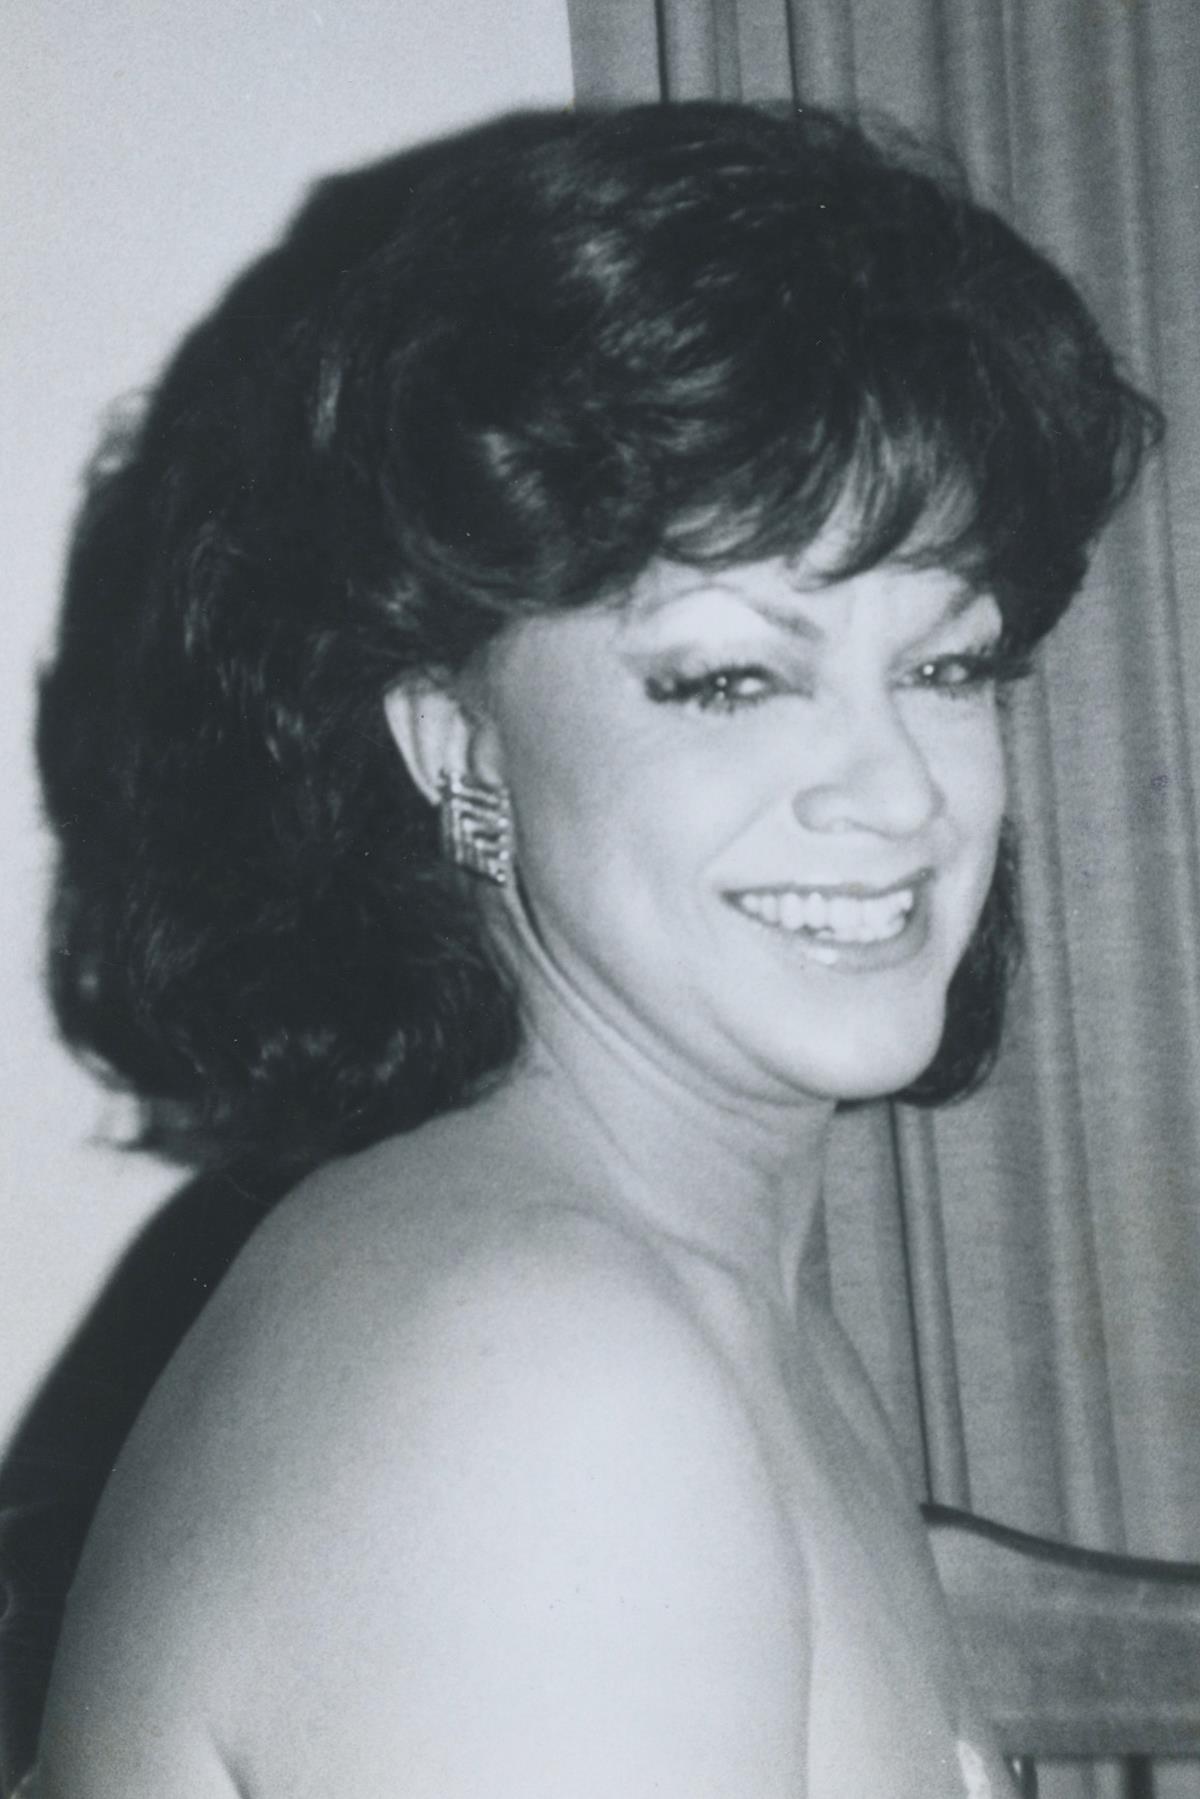 Erica Lane